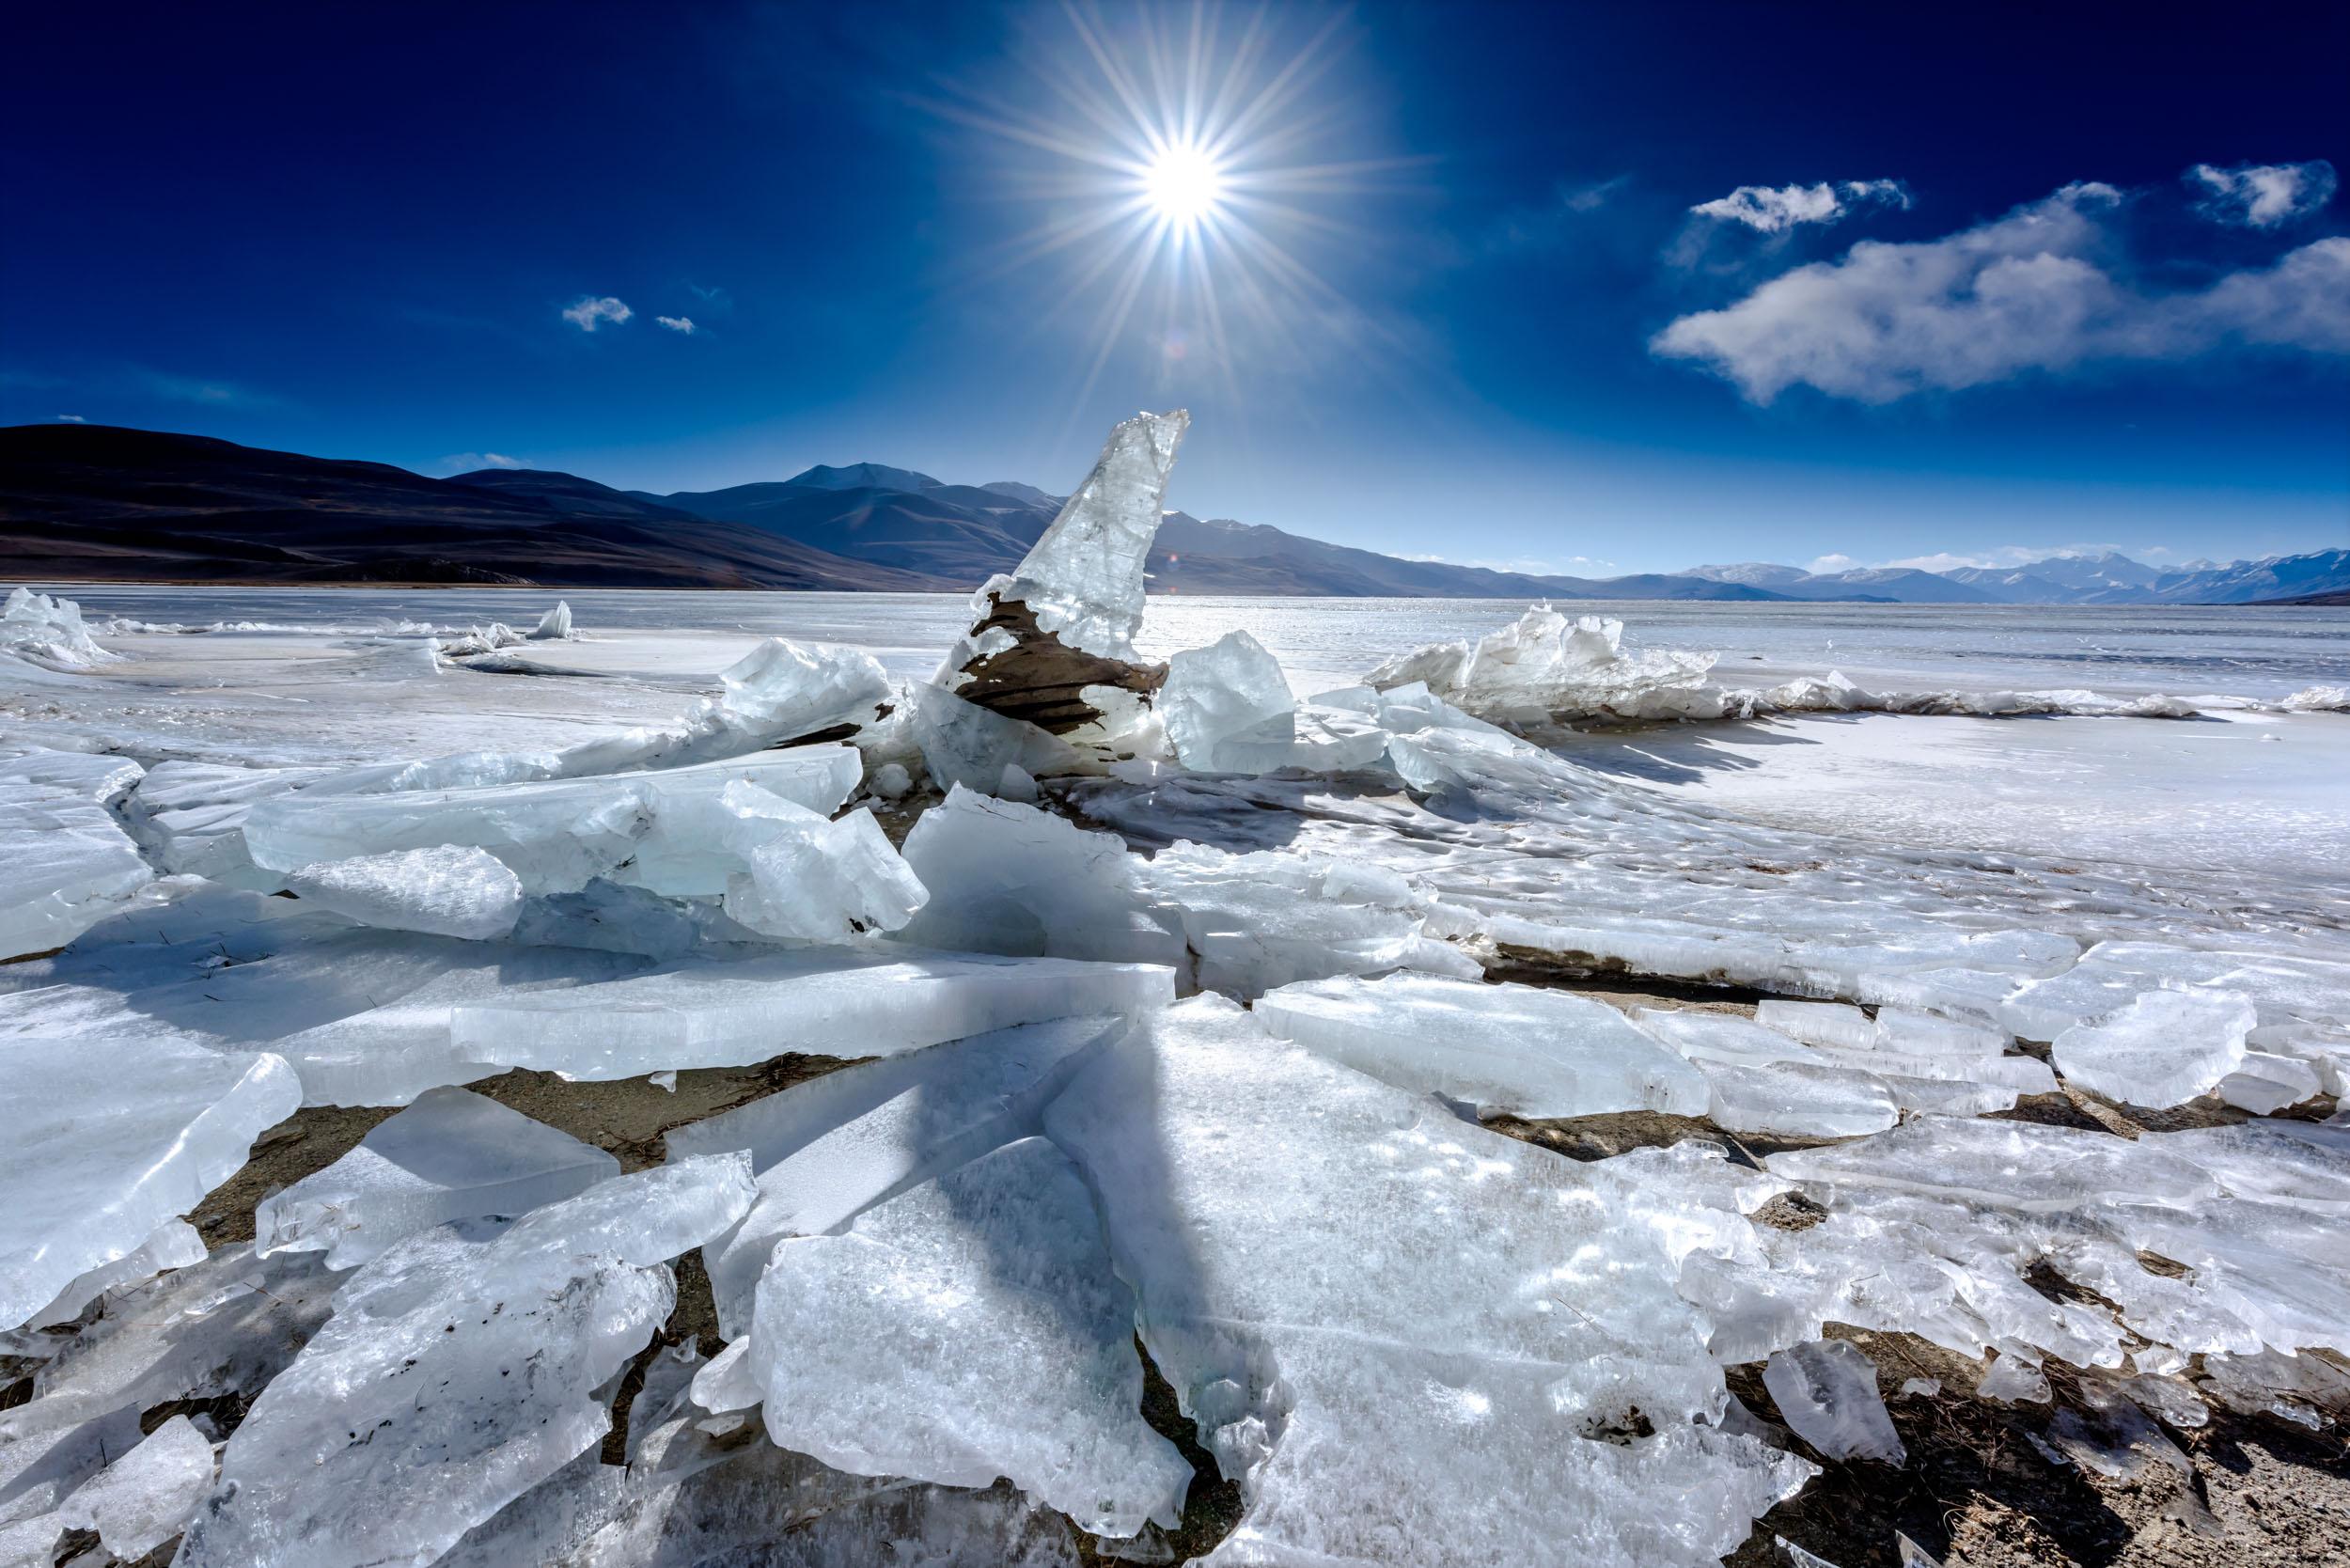 Icy Formations at Lake Tso Moriri